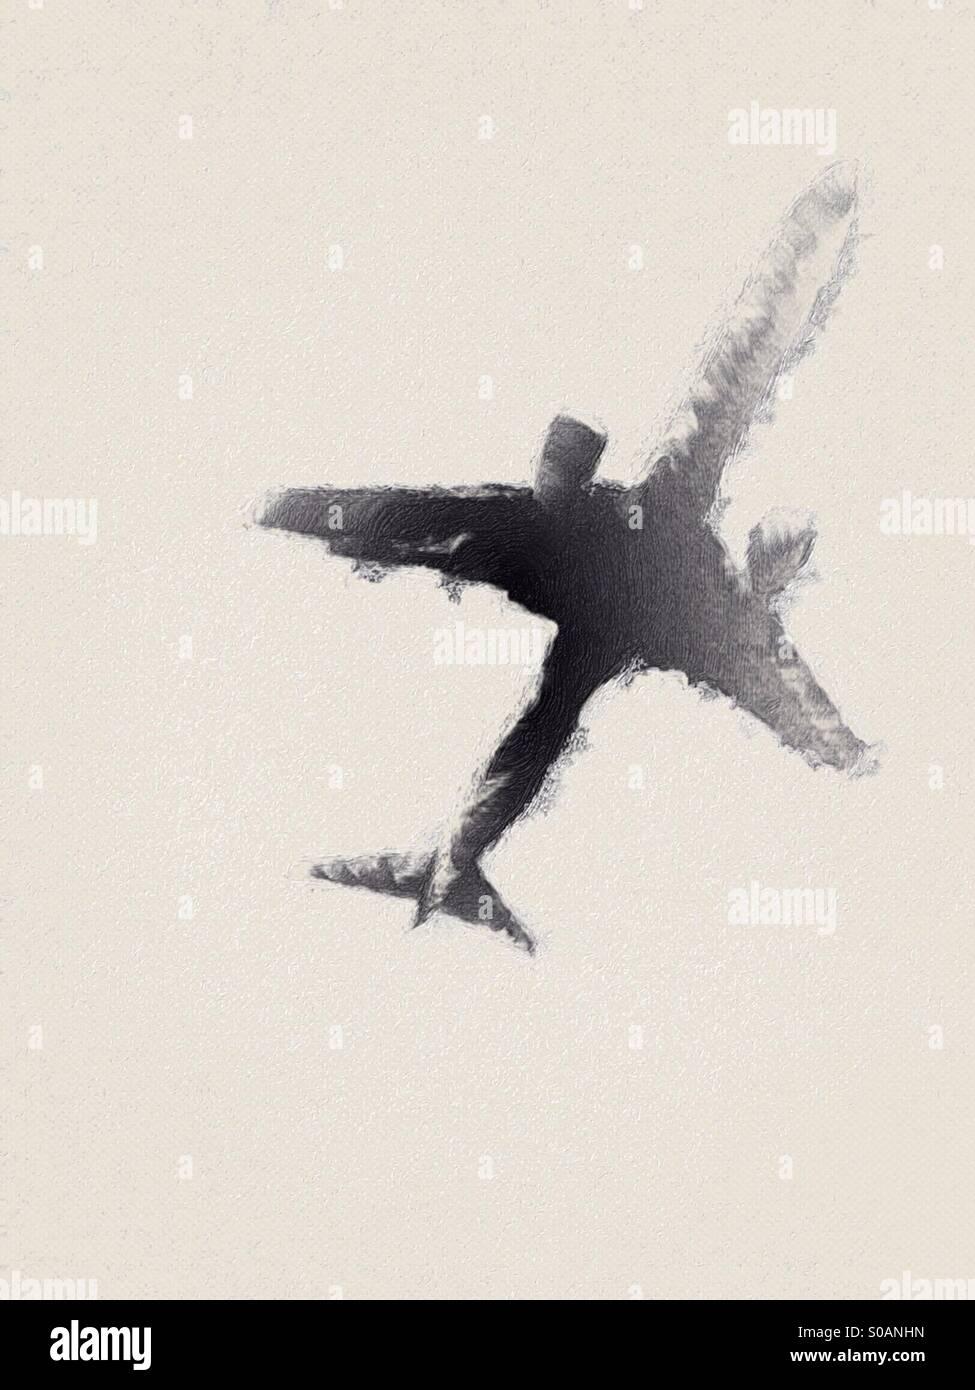 Stile astratto illustrazione di un basso volare passeggeri aerei jet. Immagini Stock